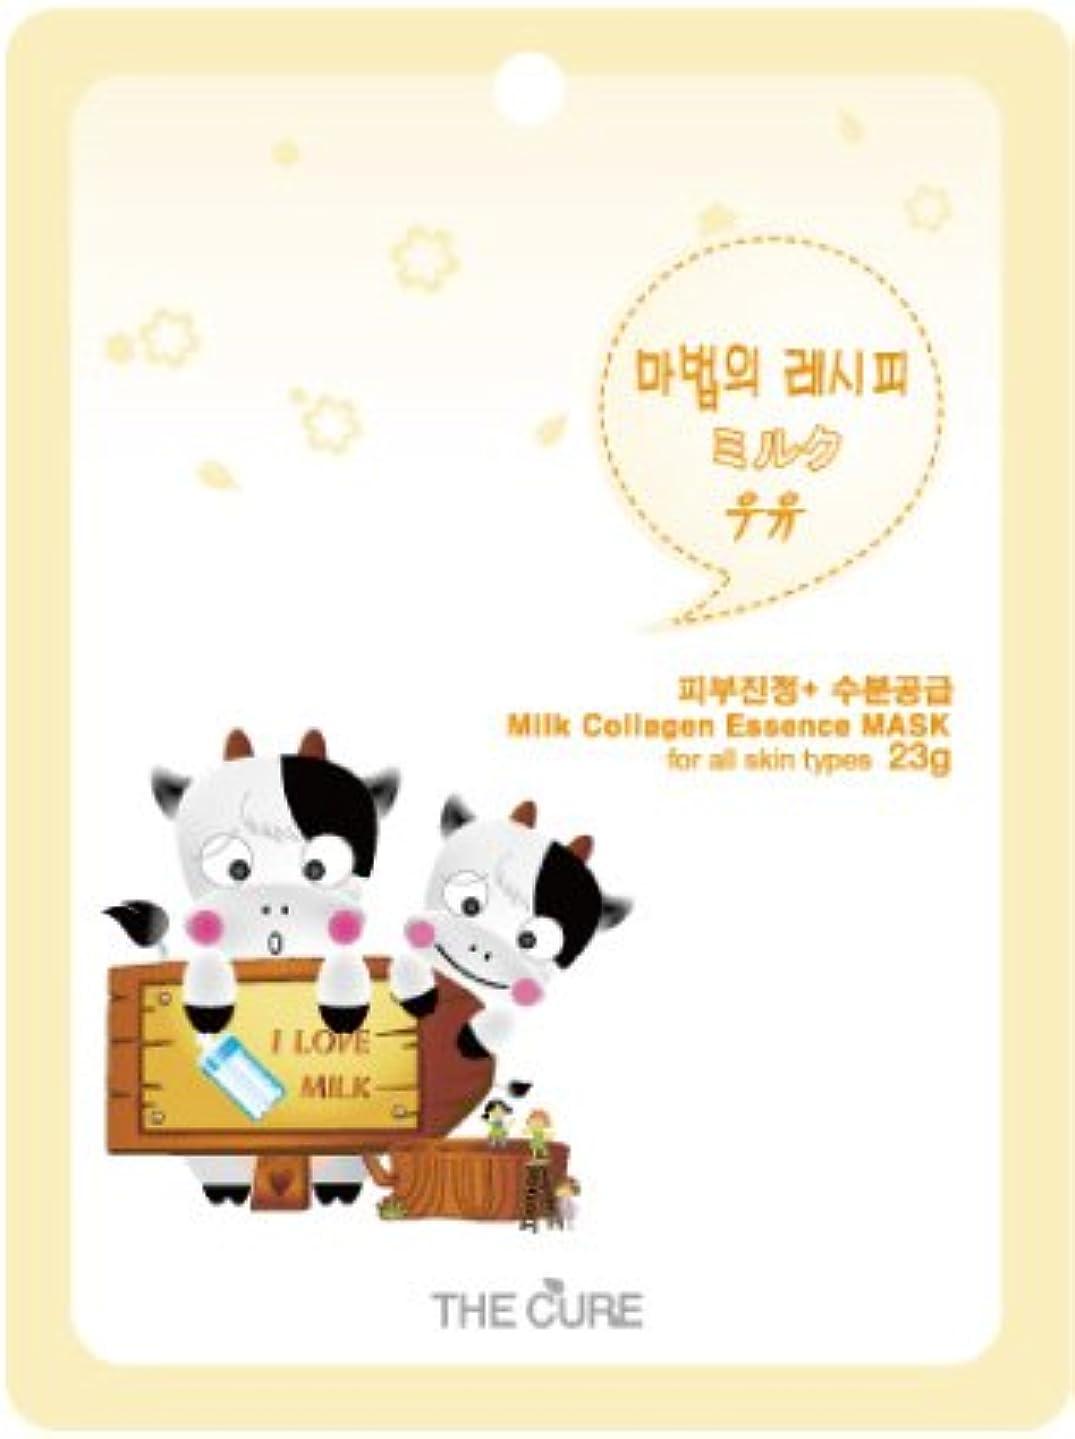 アジア蒸留サンプルミルク コラーゲン エッセンス マスク THE CURE シート パック 10枚セット 韓国 コスメ 乾燥肌 オイリー肌 混合肌